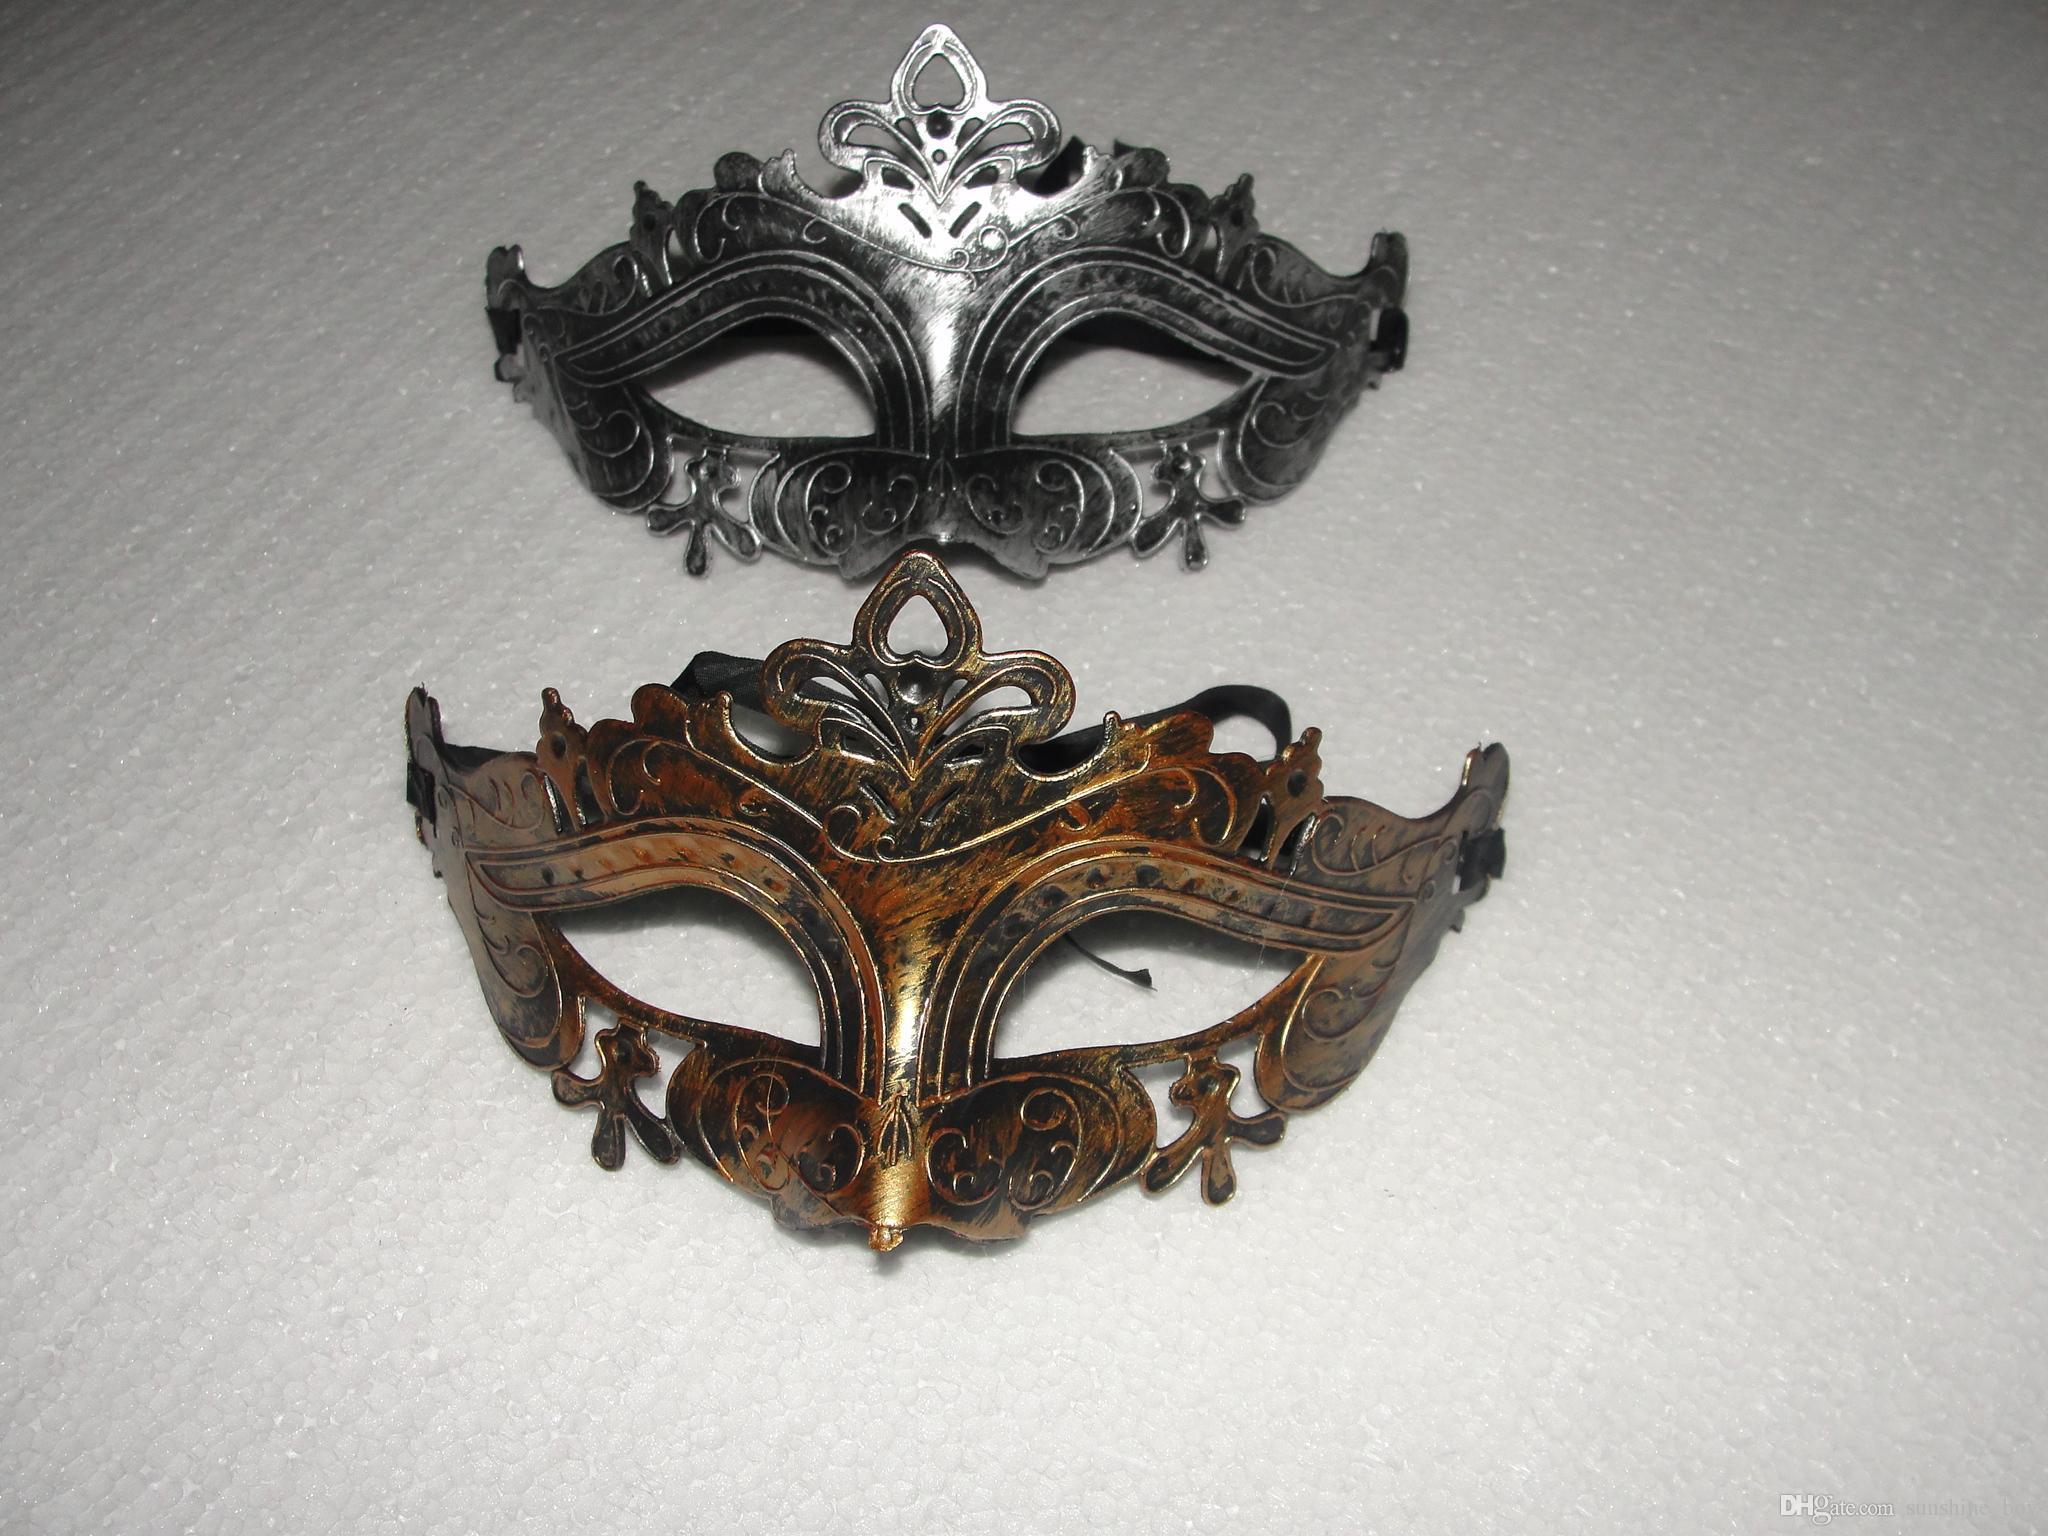 Retro Greco Roman Mask para hombre de Mardi Gras Gladiator mascarada Vintage Golden / Silver Mask Carnaval de plata Máscaras de Halloween